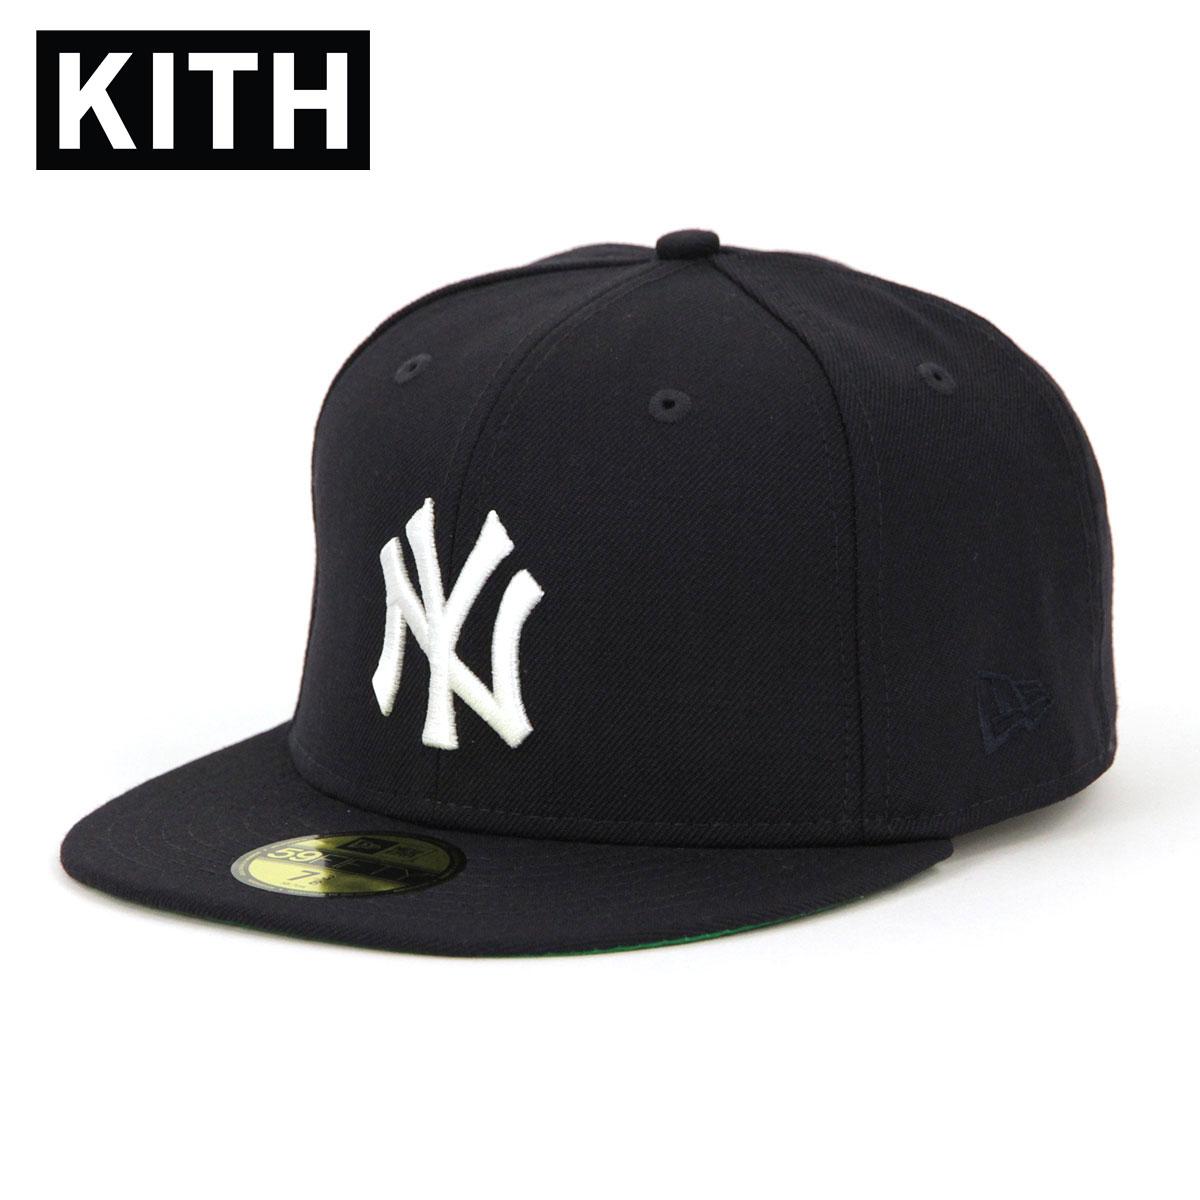 キス KITH 正規品 メンズ キャップ KITH X NEW ERA X NEW YORK YANKEES 59FIFTY CAPS NAVY WHITE